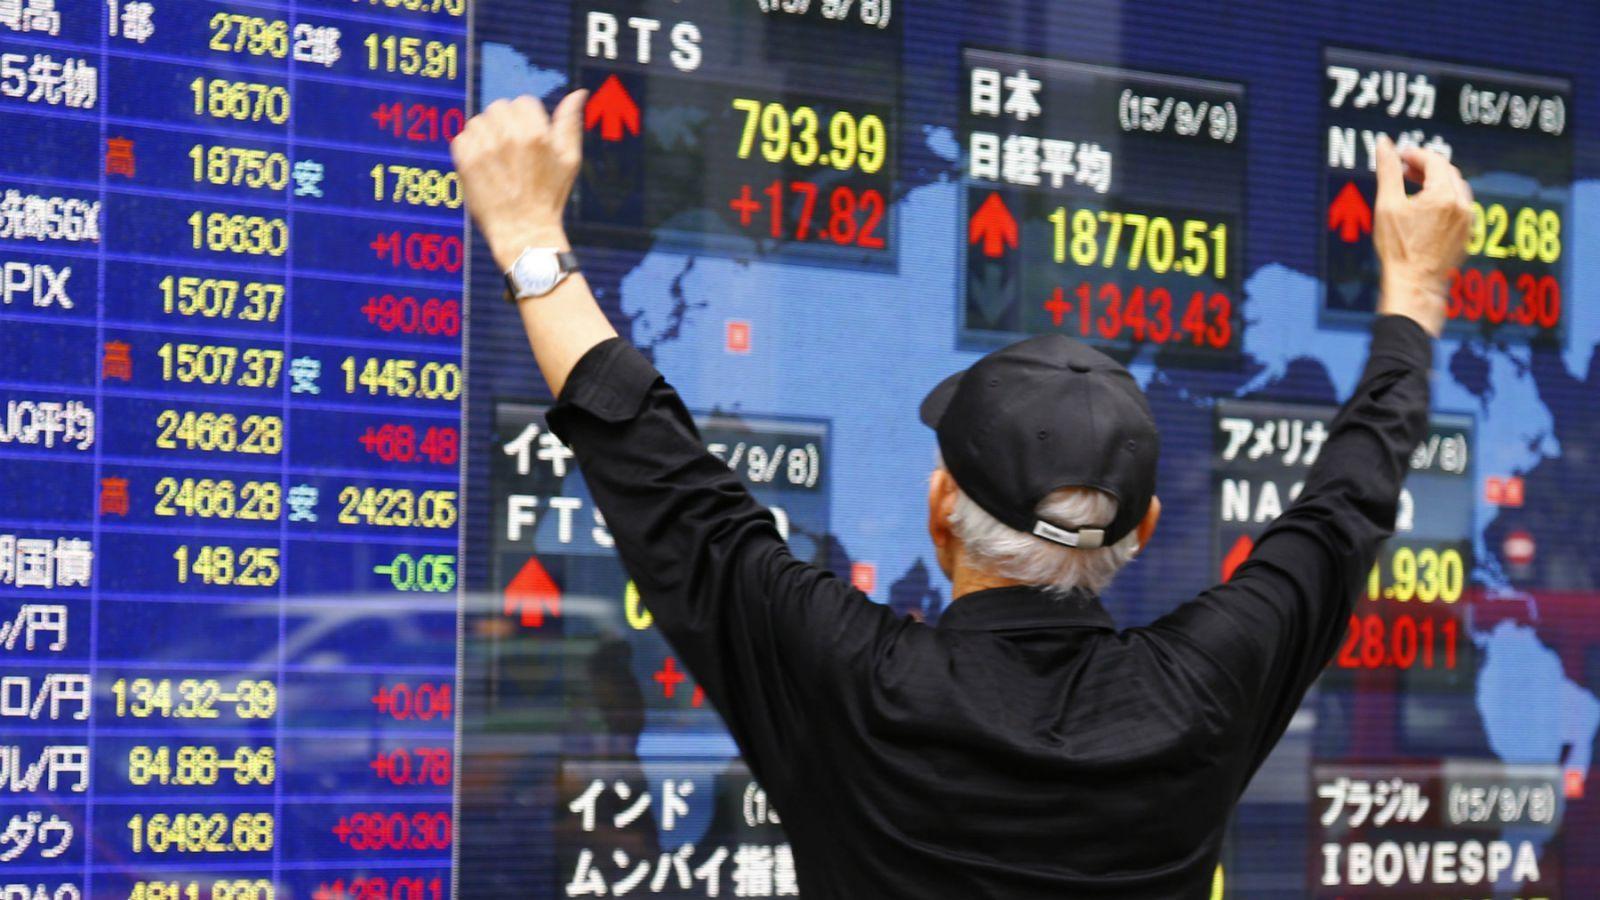 ارتفاع الأسهم اليابانية